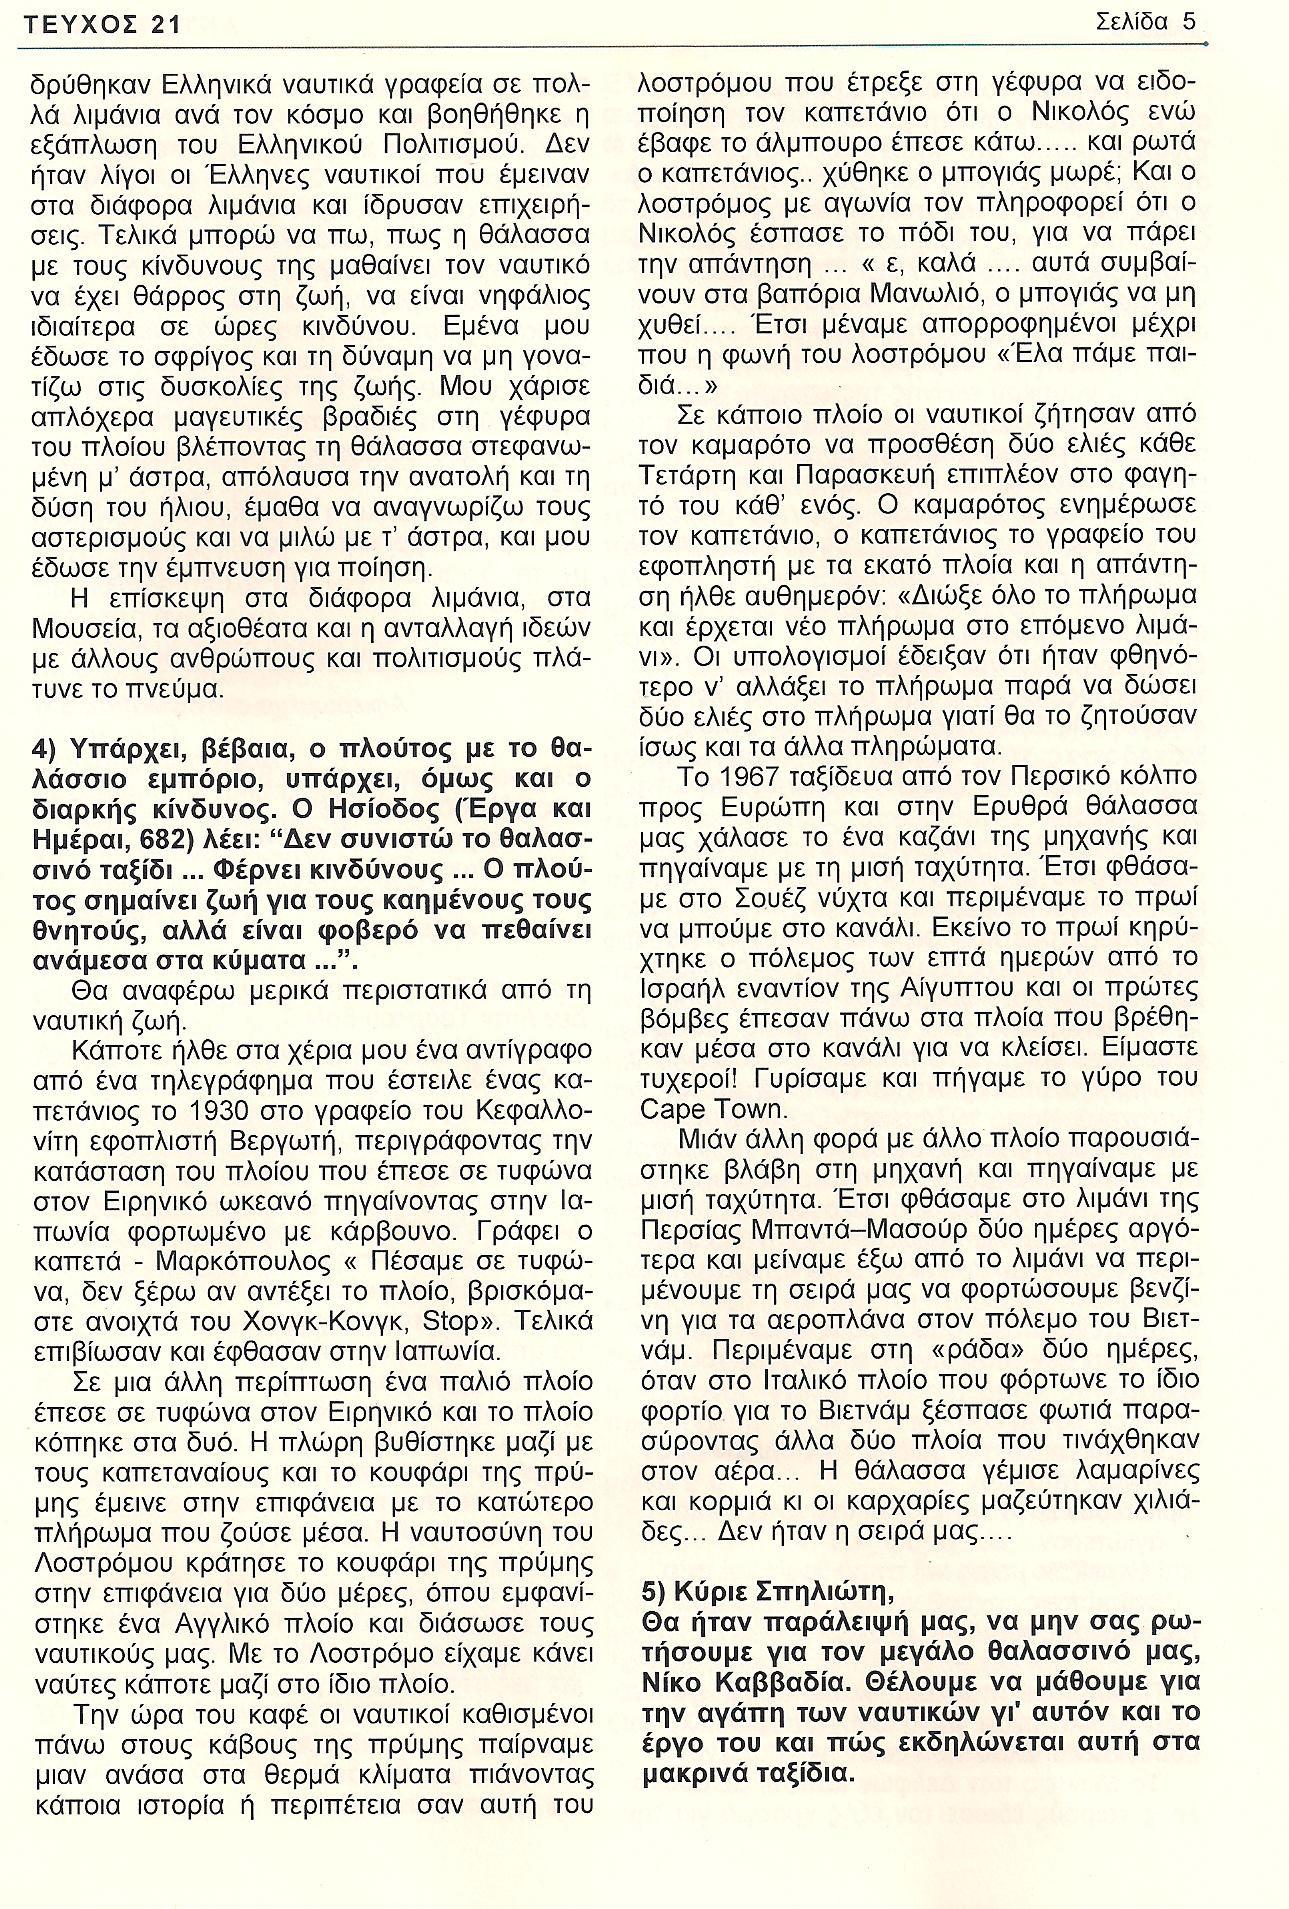 ΣΥΝΕΝΤΕΥΞΗ ΣΠΗΛΙΩΤΗ  ΣΤΟ  ΑΝΤΙΣΤΡΟΦΕΣ ΣΕΛ.3.jpg